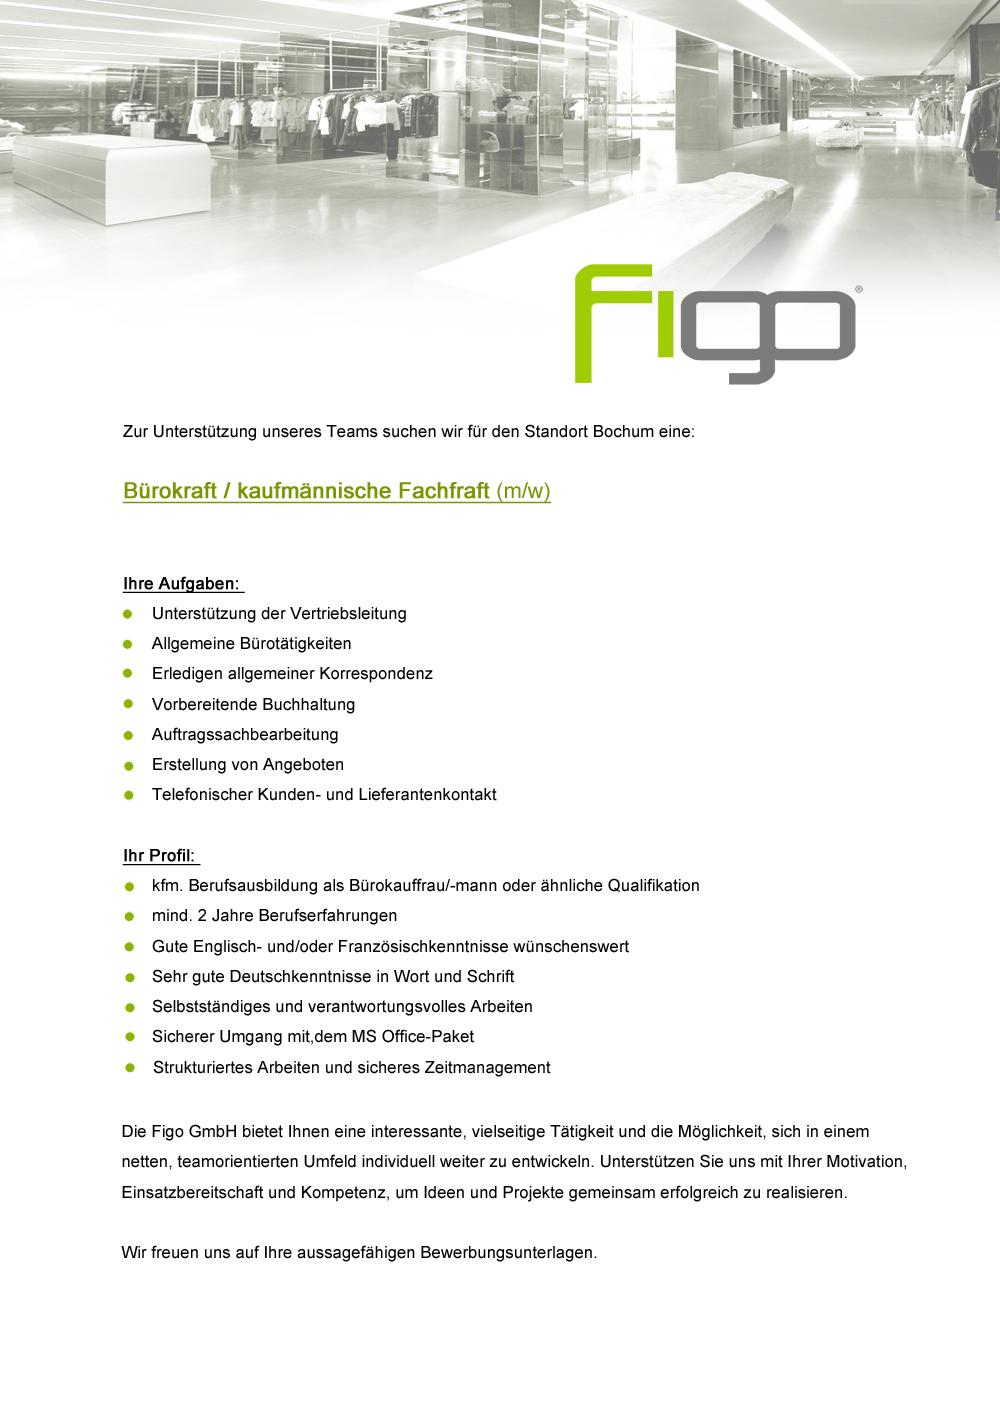 figo gmbh shopkonzepte shopdesign projektsteuerung bauleitung brokraftkaufmnnische fachkraft mw - Bewerbung Als Burokraft